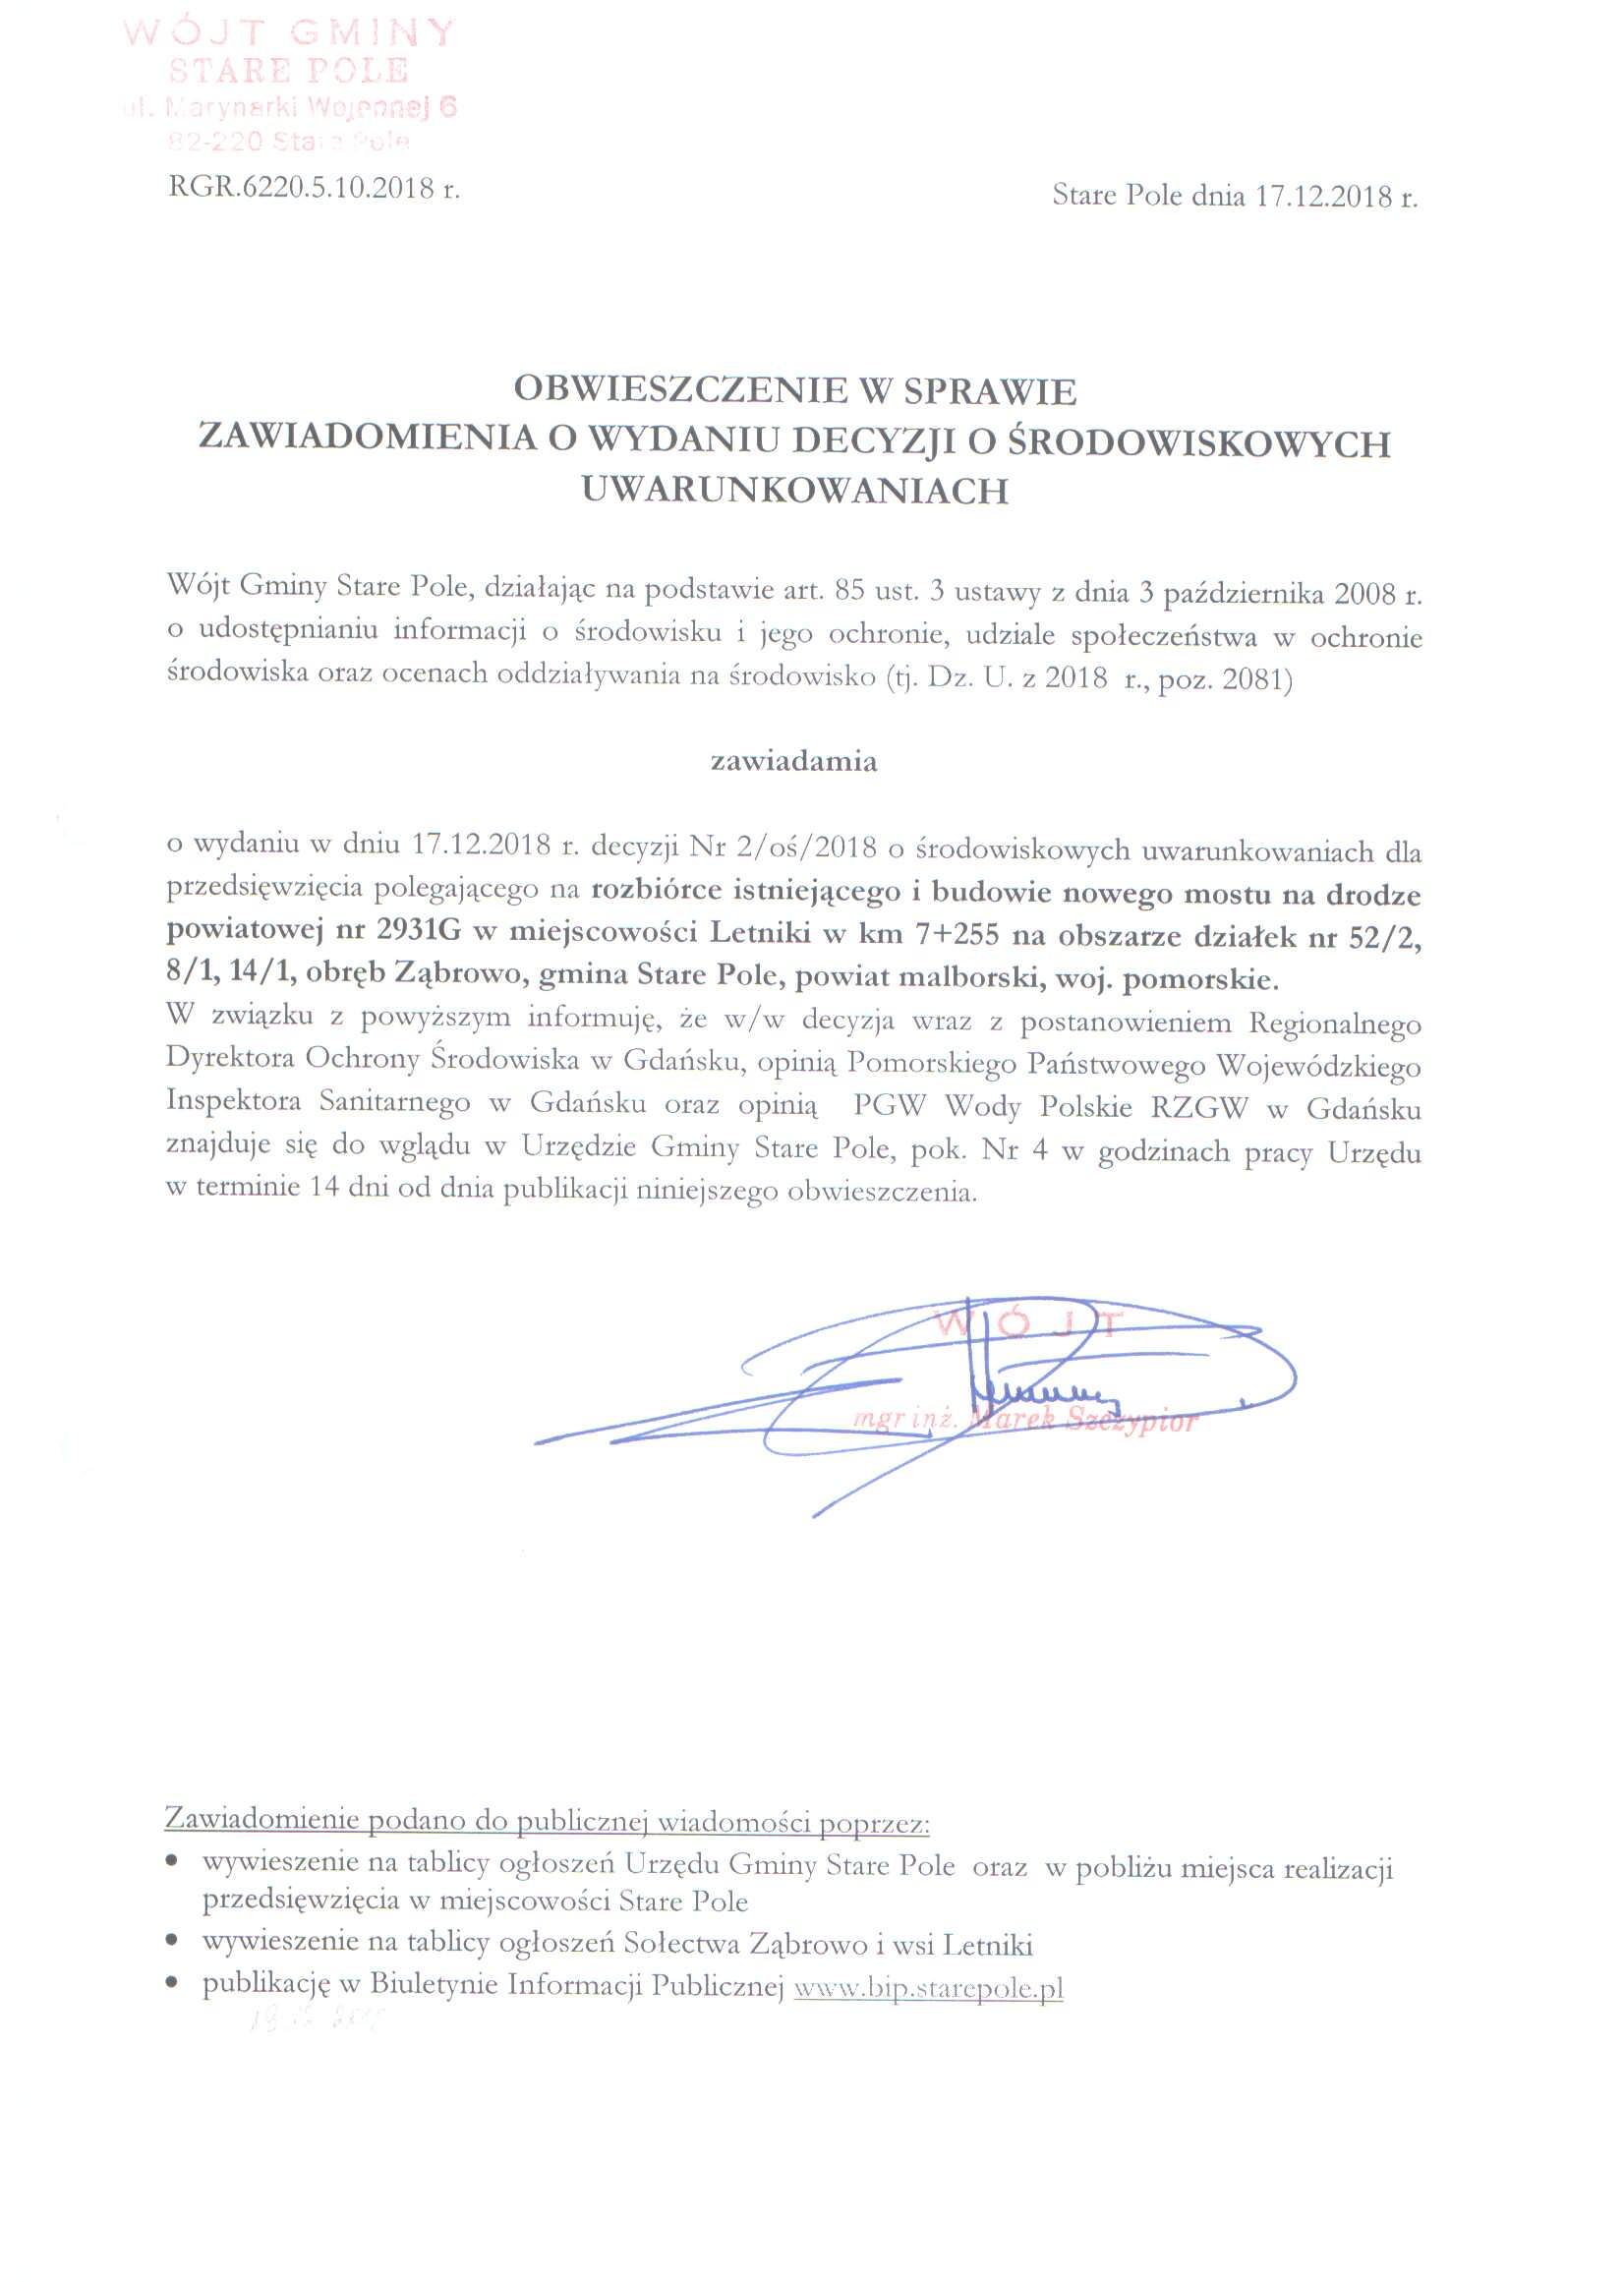 Obwieszczenie Wójta Gminy Stare Pole z dnia 17 grudnia 2018 r. - II